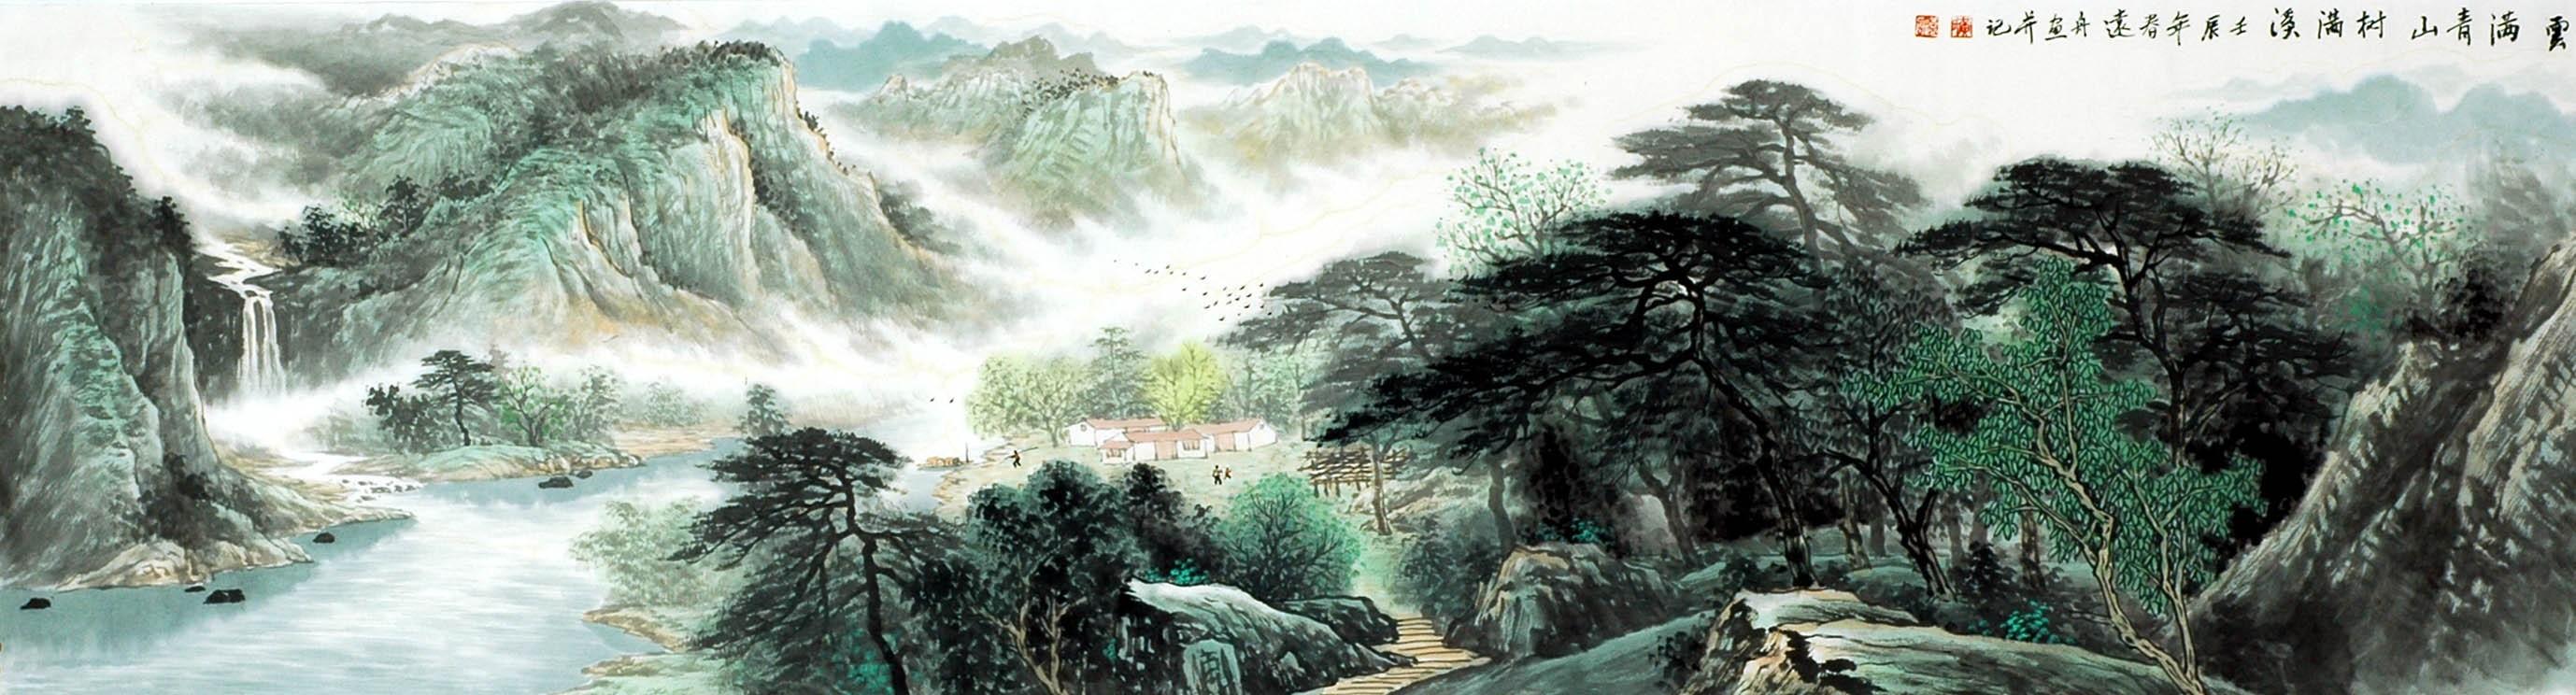 Chinese Landscape Painting - CNAG008102